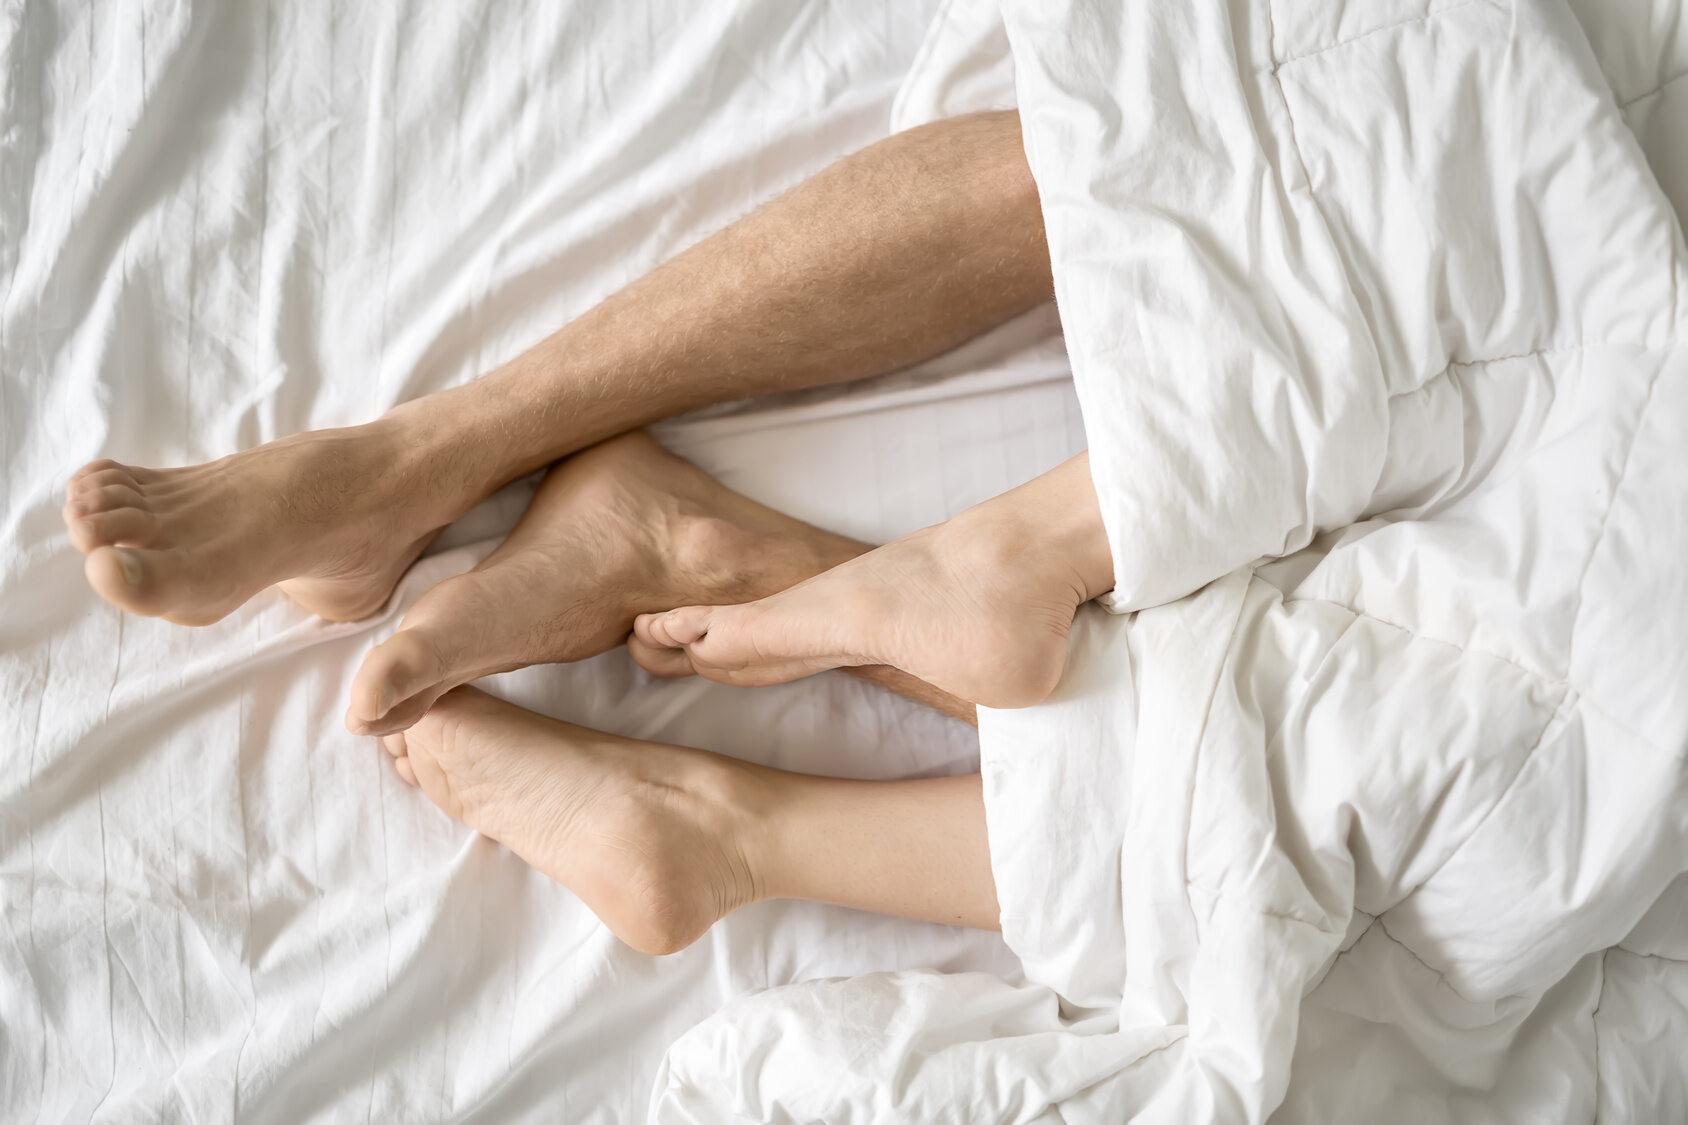 Kamasutra to poradnik o sztuce miłości. Dokładnie opisuje pozycje seksualne i porady miłosne. Komu przypisuje się autorstwo tekstu?